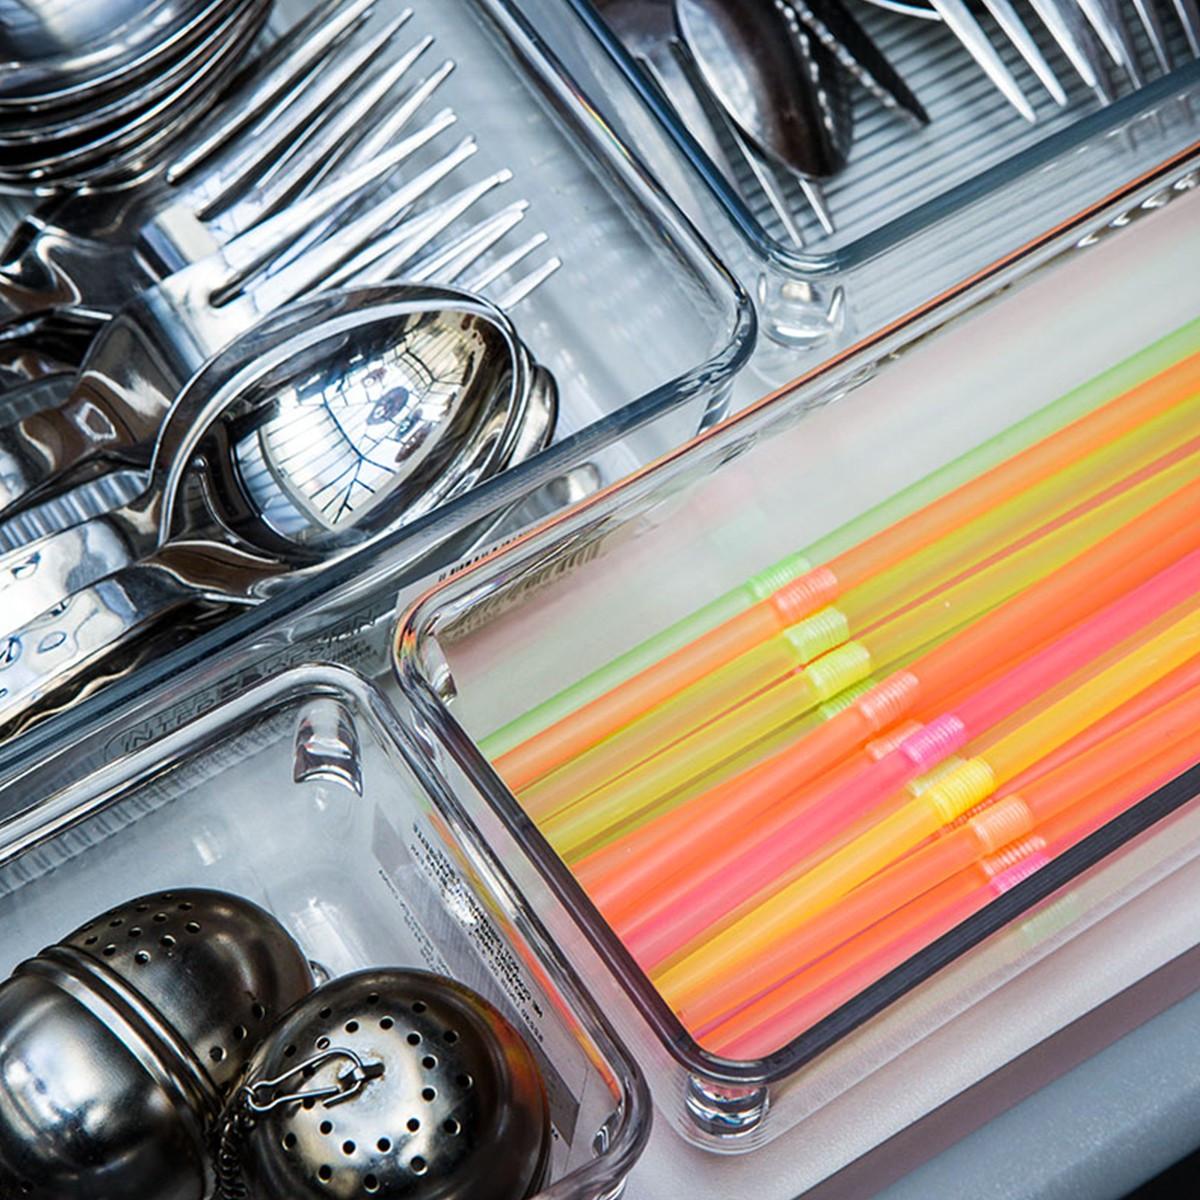 Organiseur Tiroir Salle De Bain : Organiseur de tiroir étroit en acrylique – Salle de bain